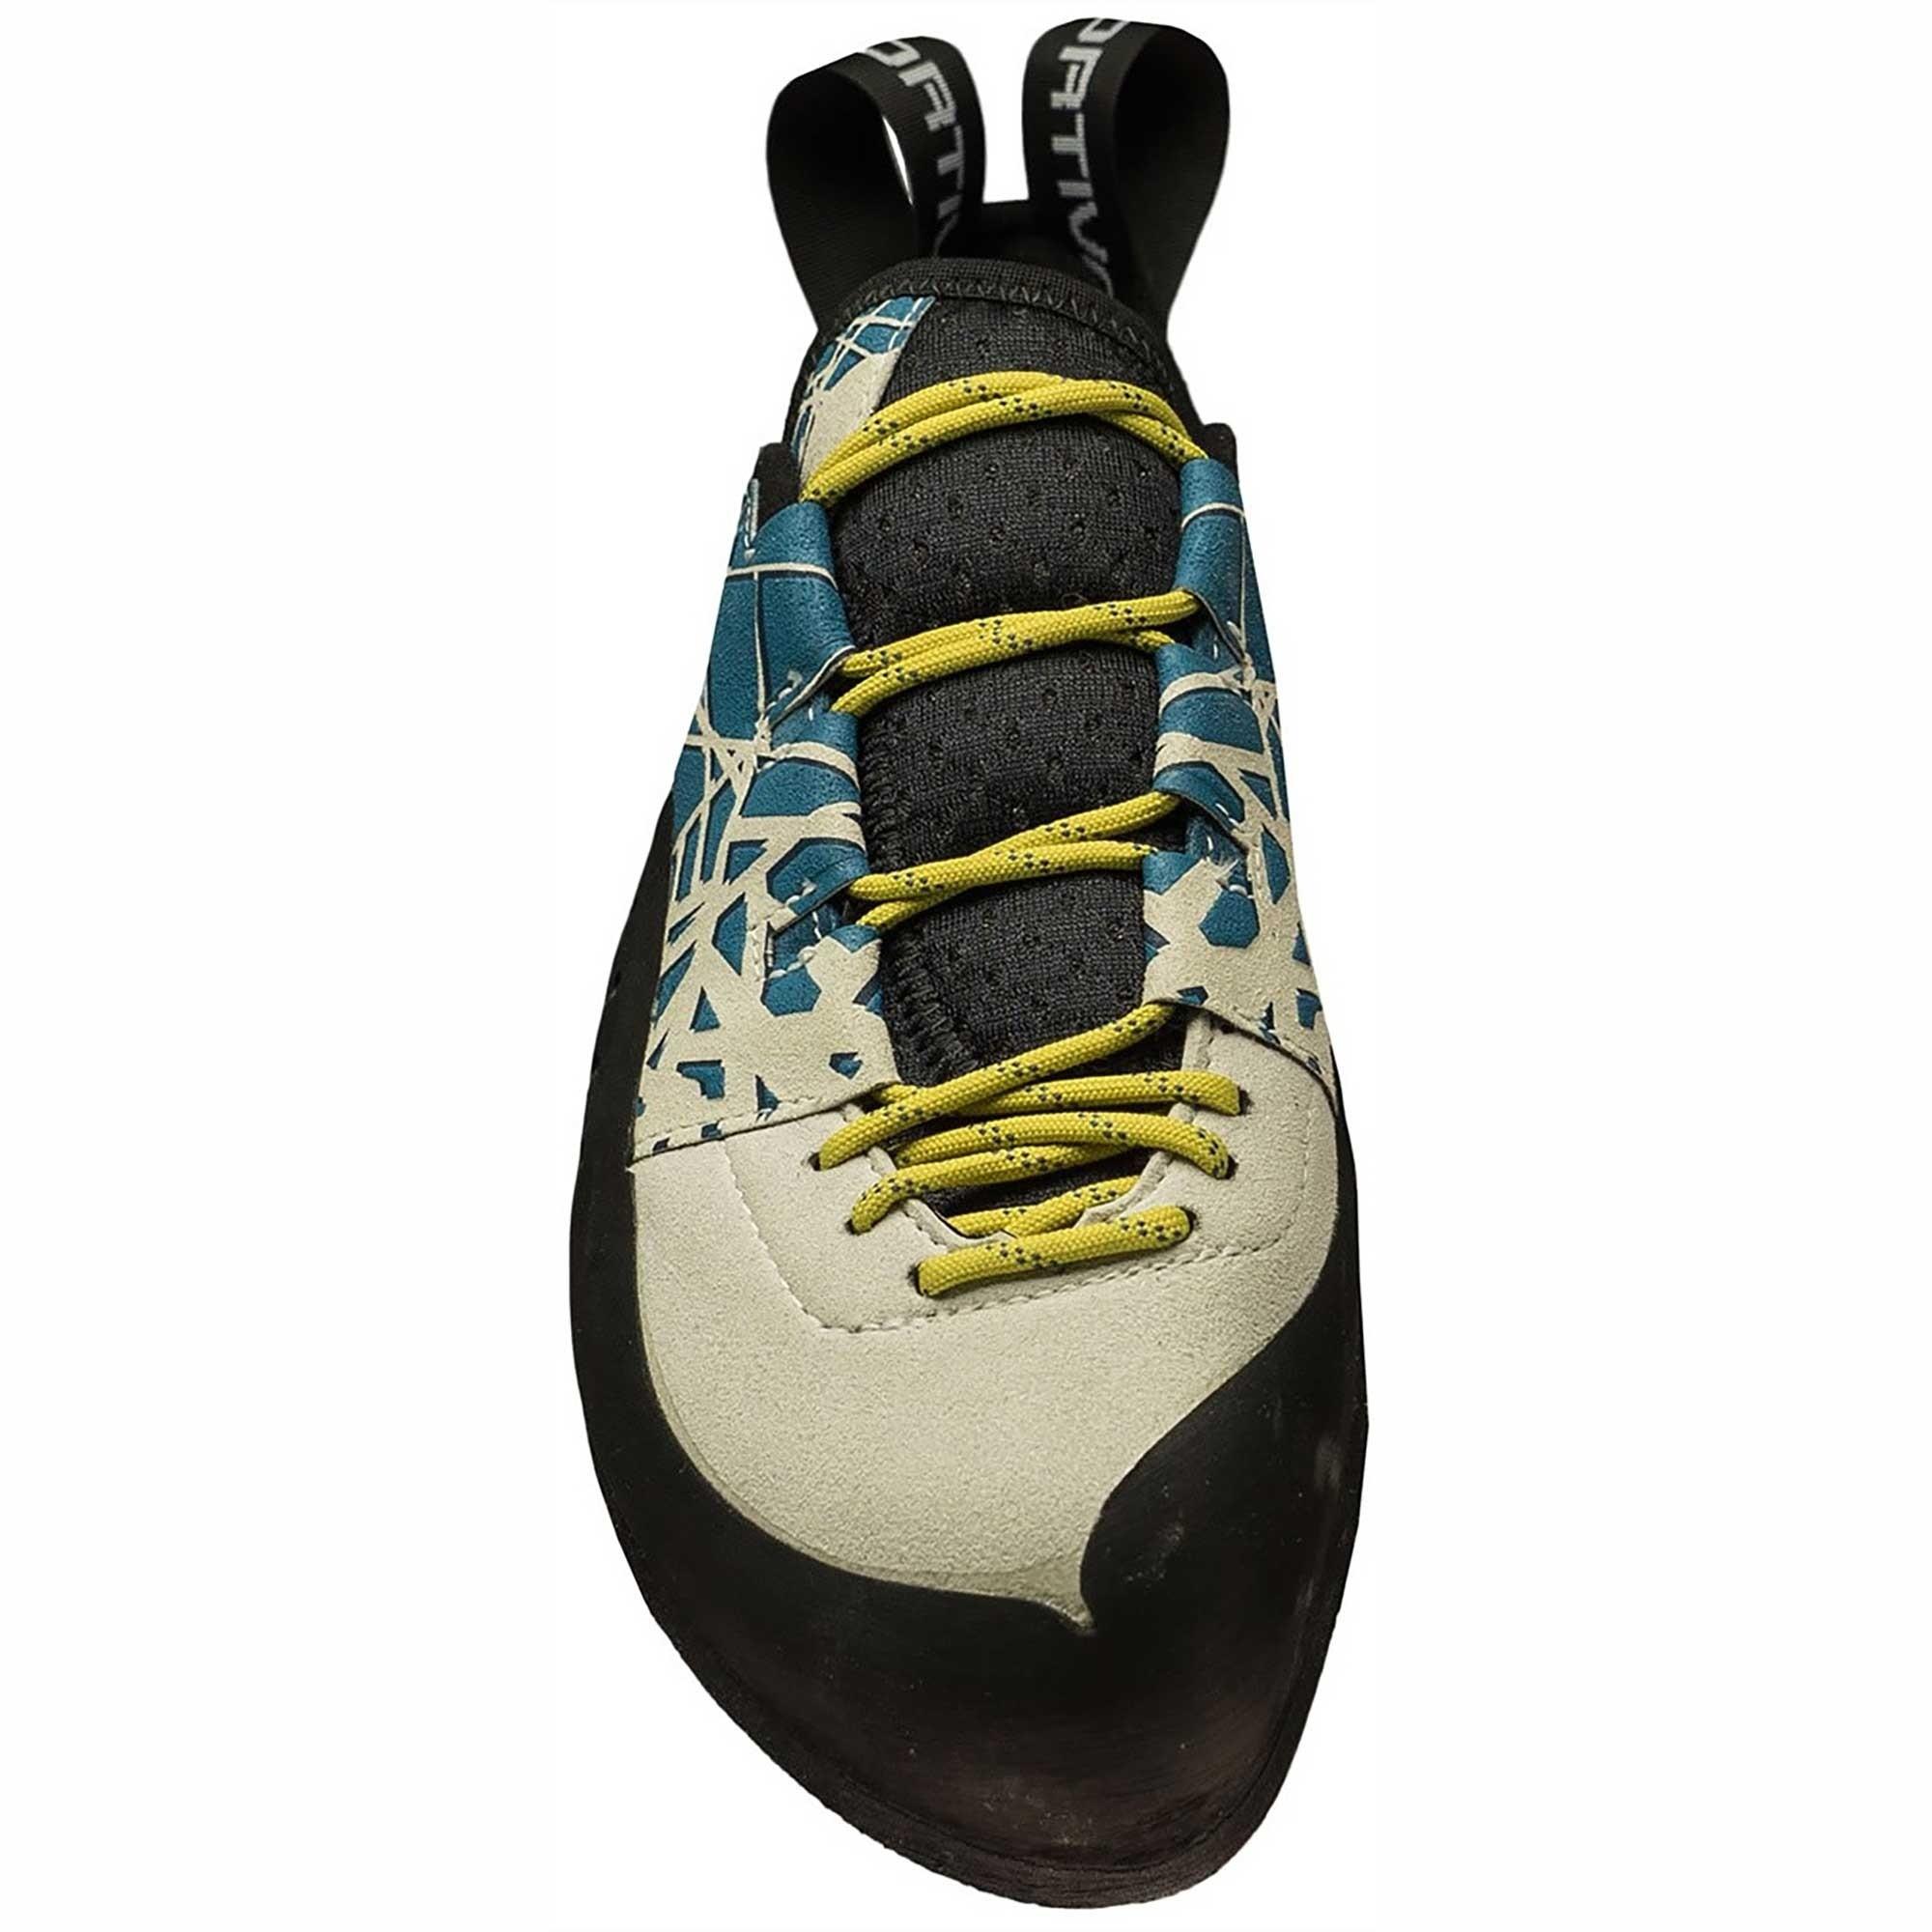 La-Sportiva-Kataki-Rock-Climbing-Shoe-2-S18